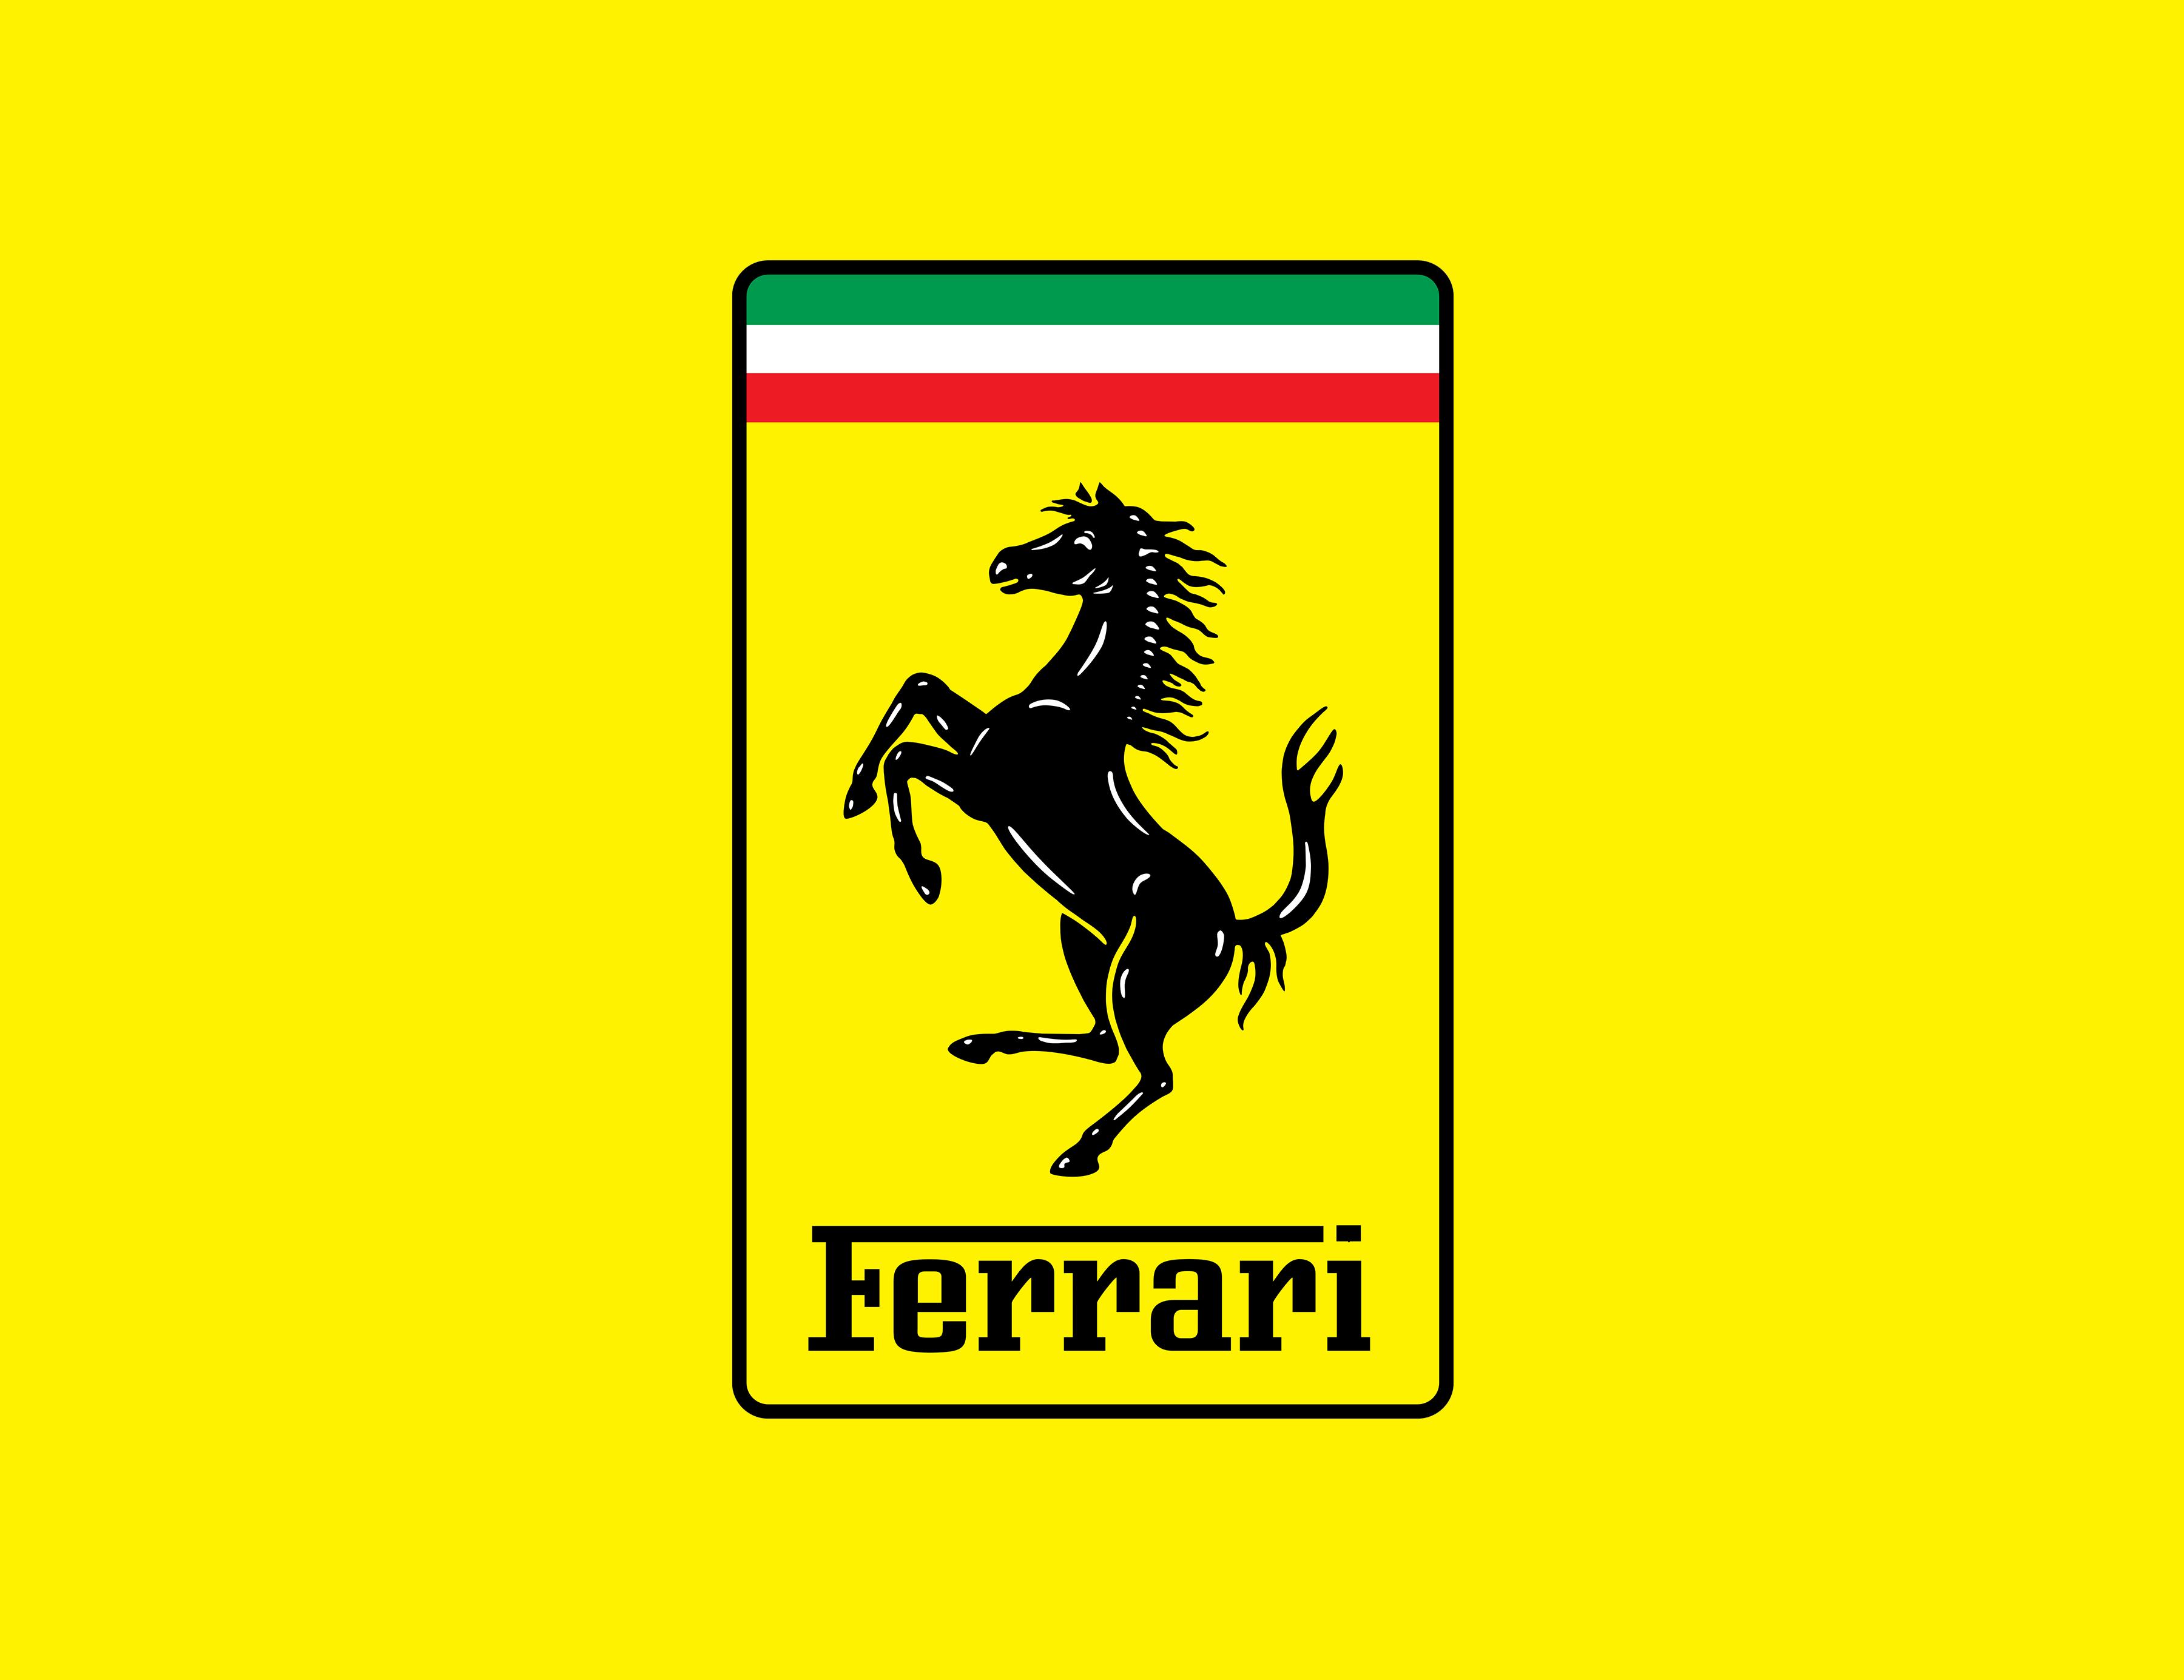 Ferrari logo - Logojoy